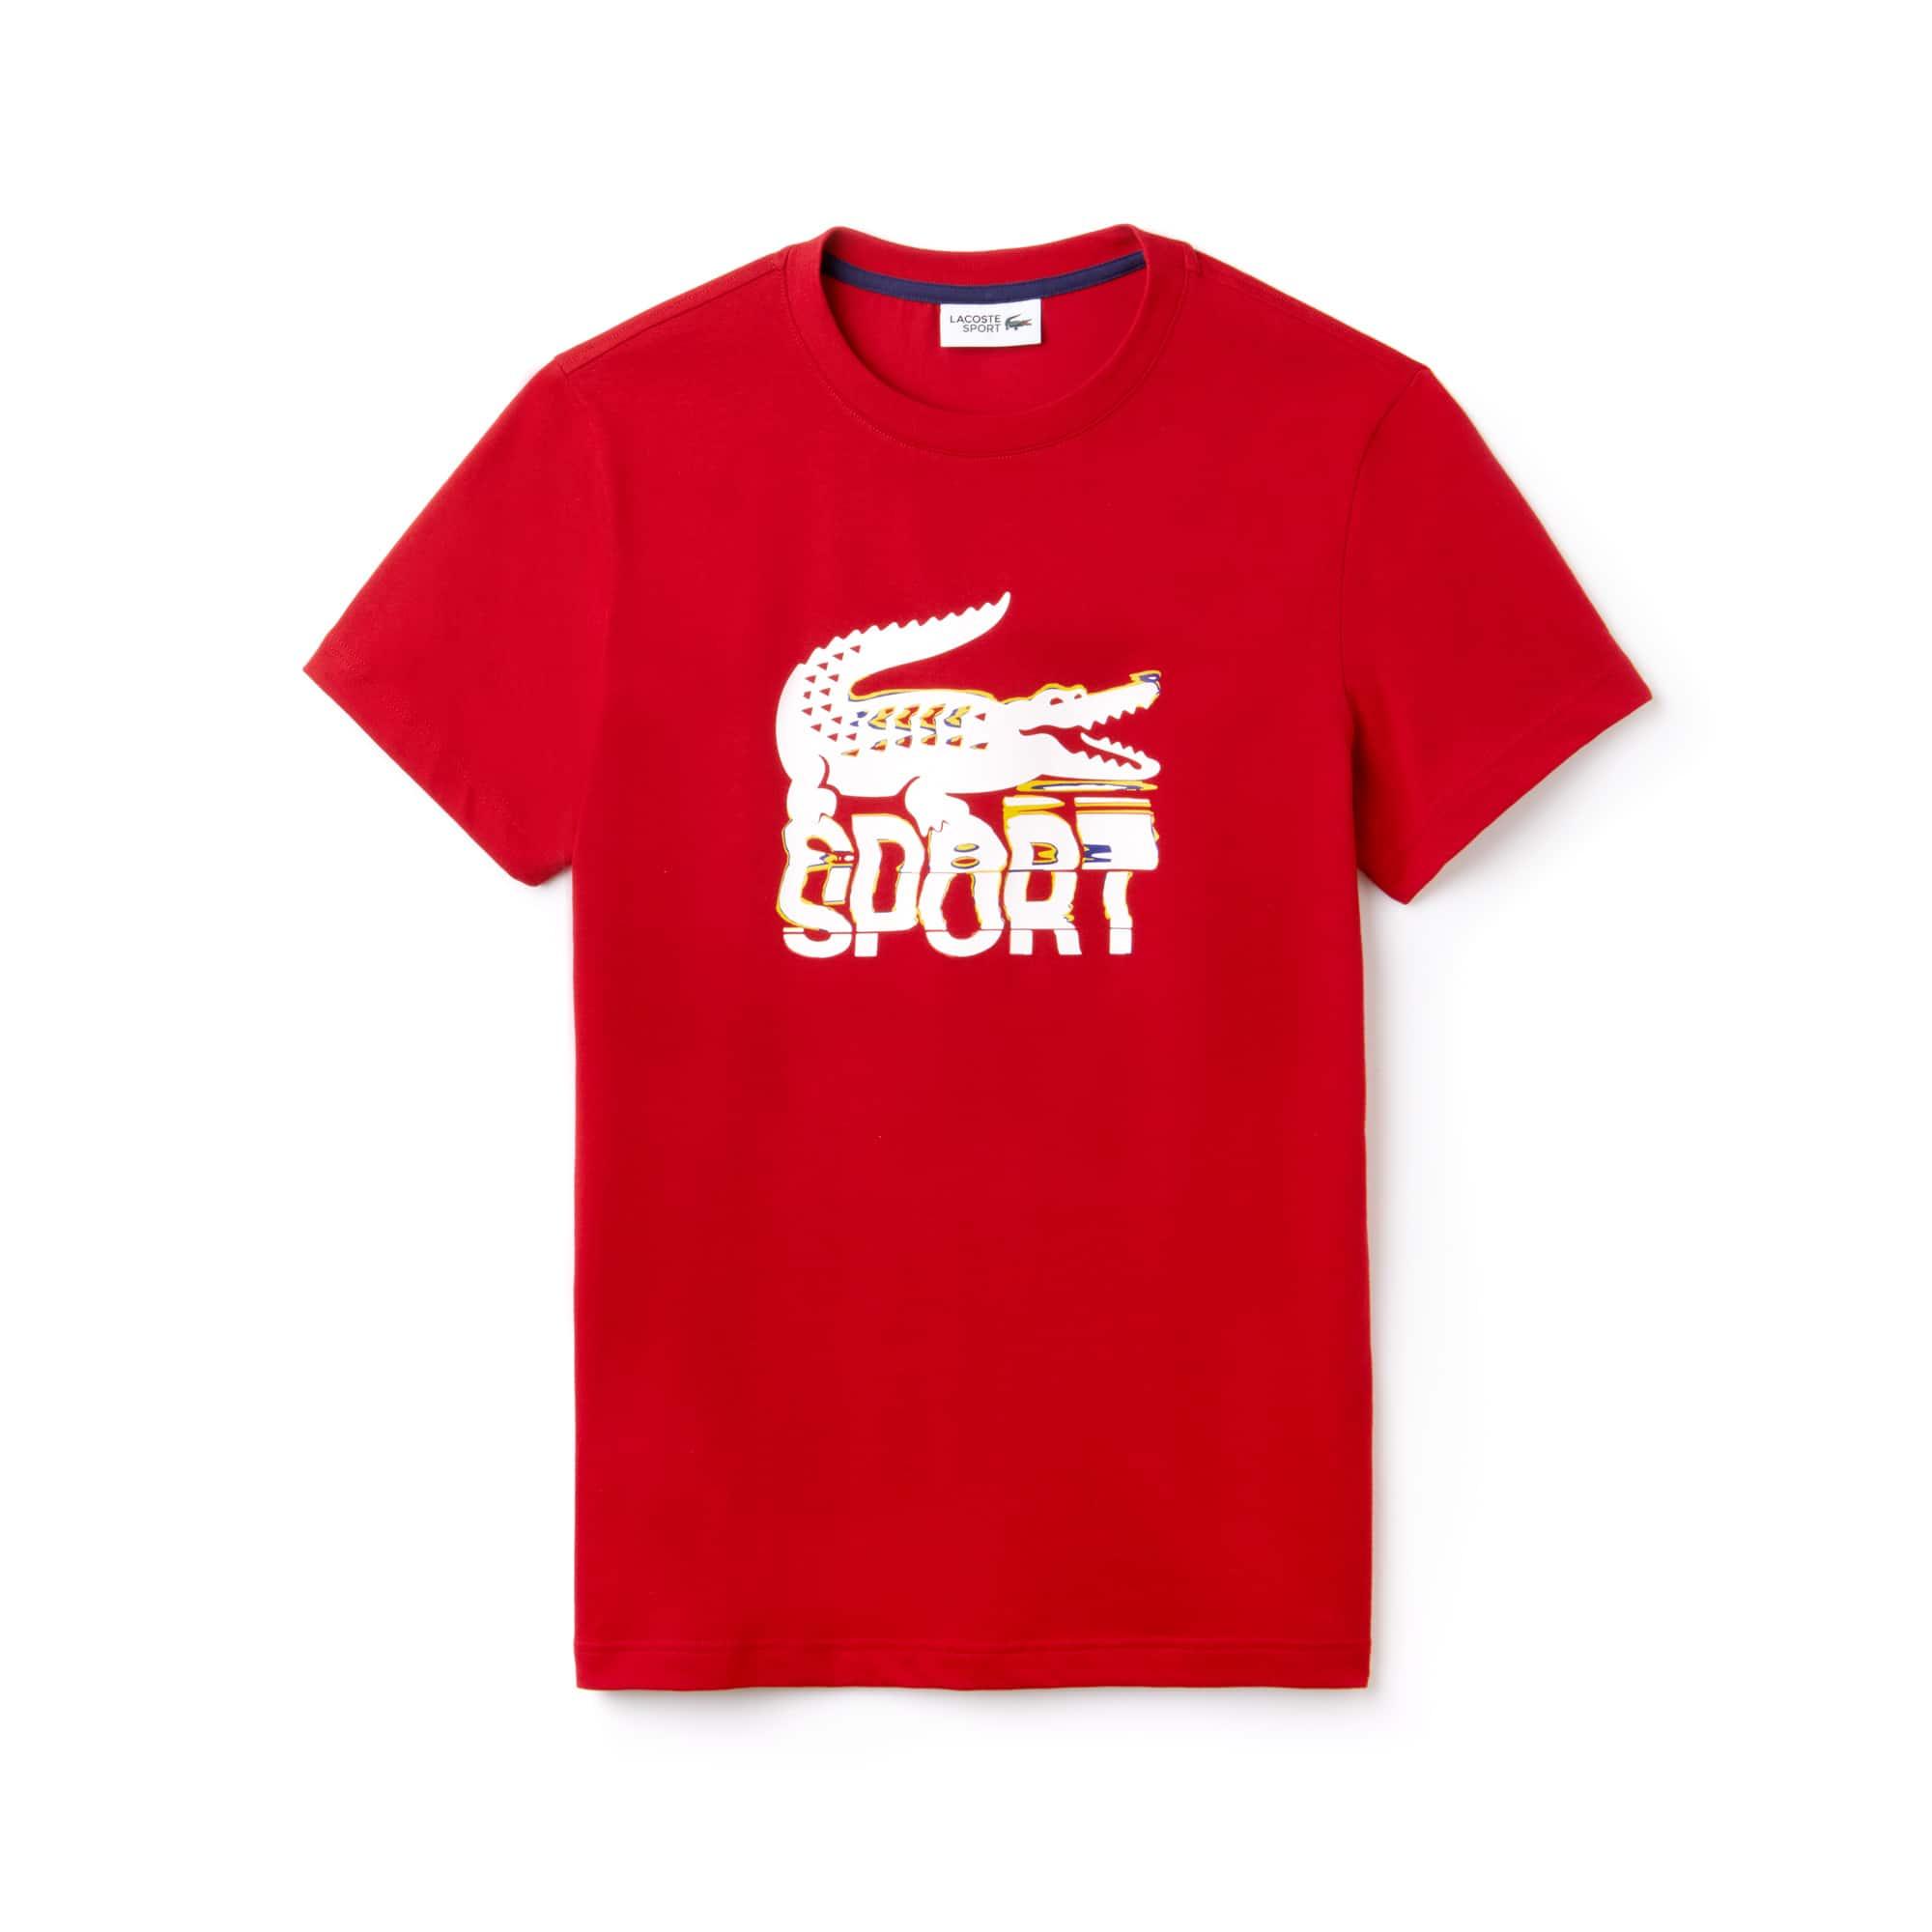 Lacoste - Herren LACOSTE SPORT Rundhals Tennis T-Shirt aus Jersey - 3